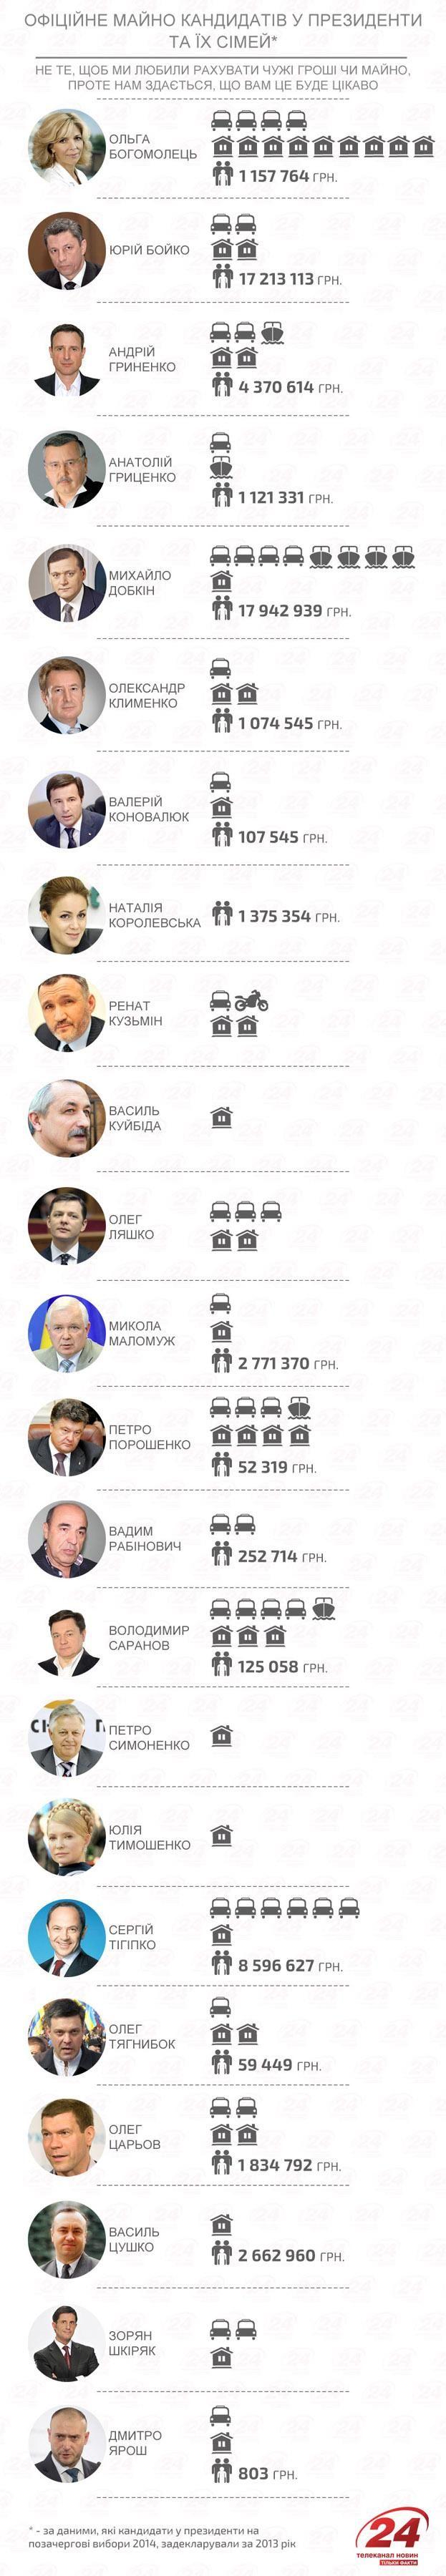 Имущество кандидатов в президенты: кто чем богат [Инфографика]